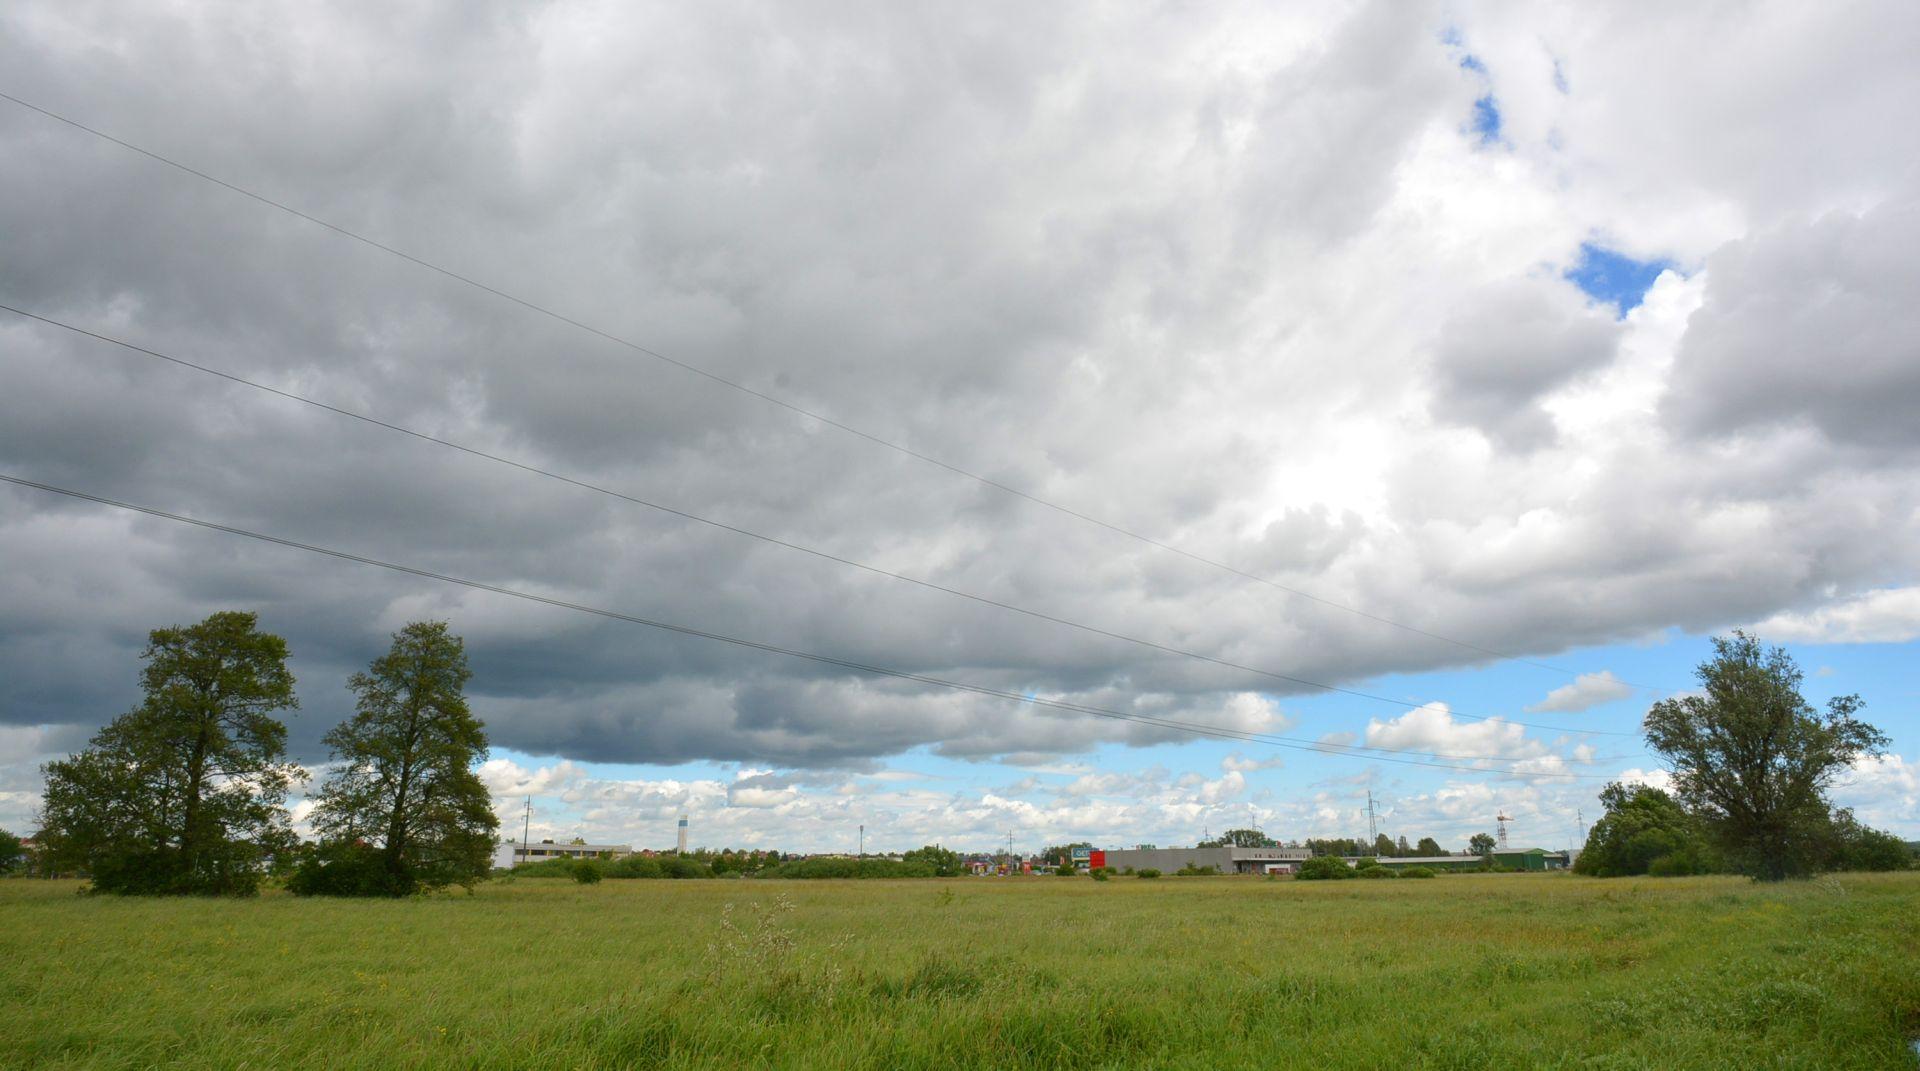 Pretežno sunčano uz umjeren razvoj oblaka, ponegdje mogući kratkotrajni pljuskovi